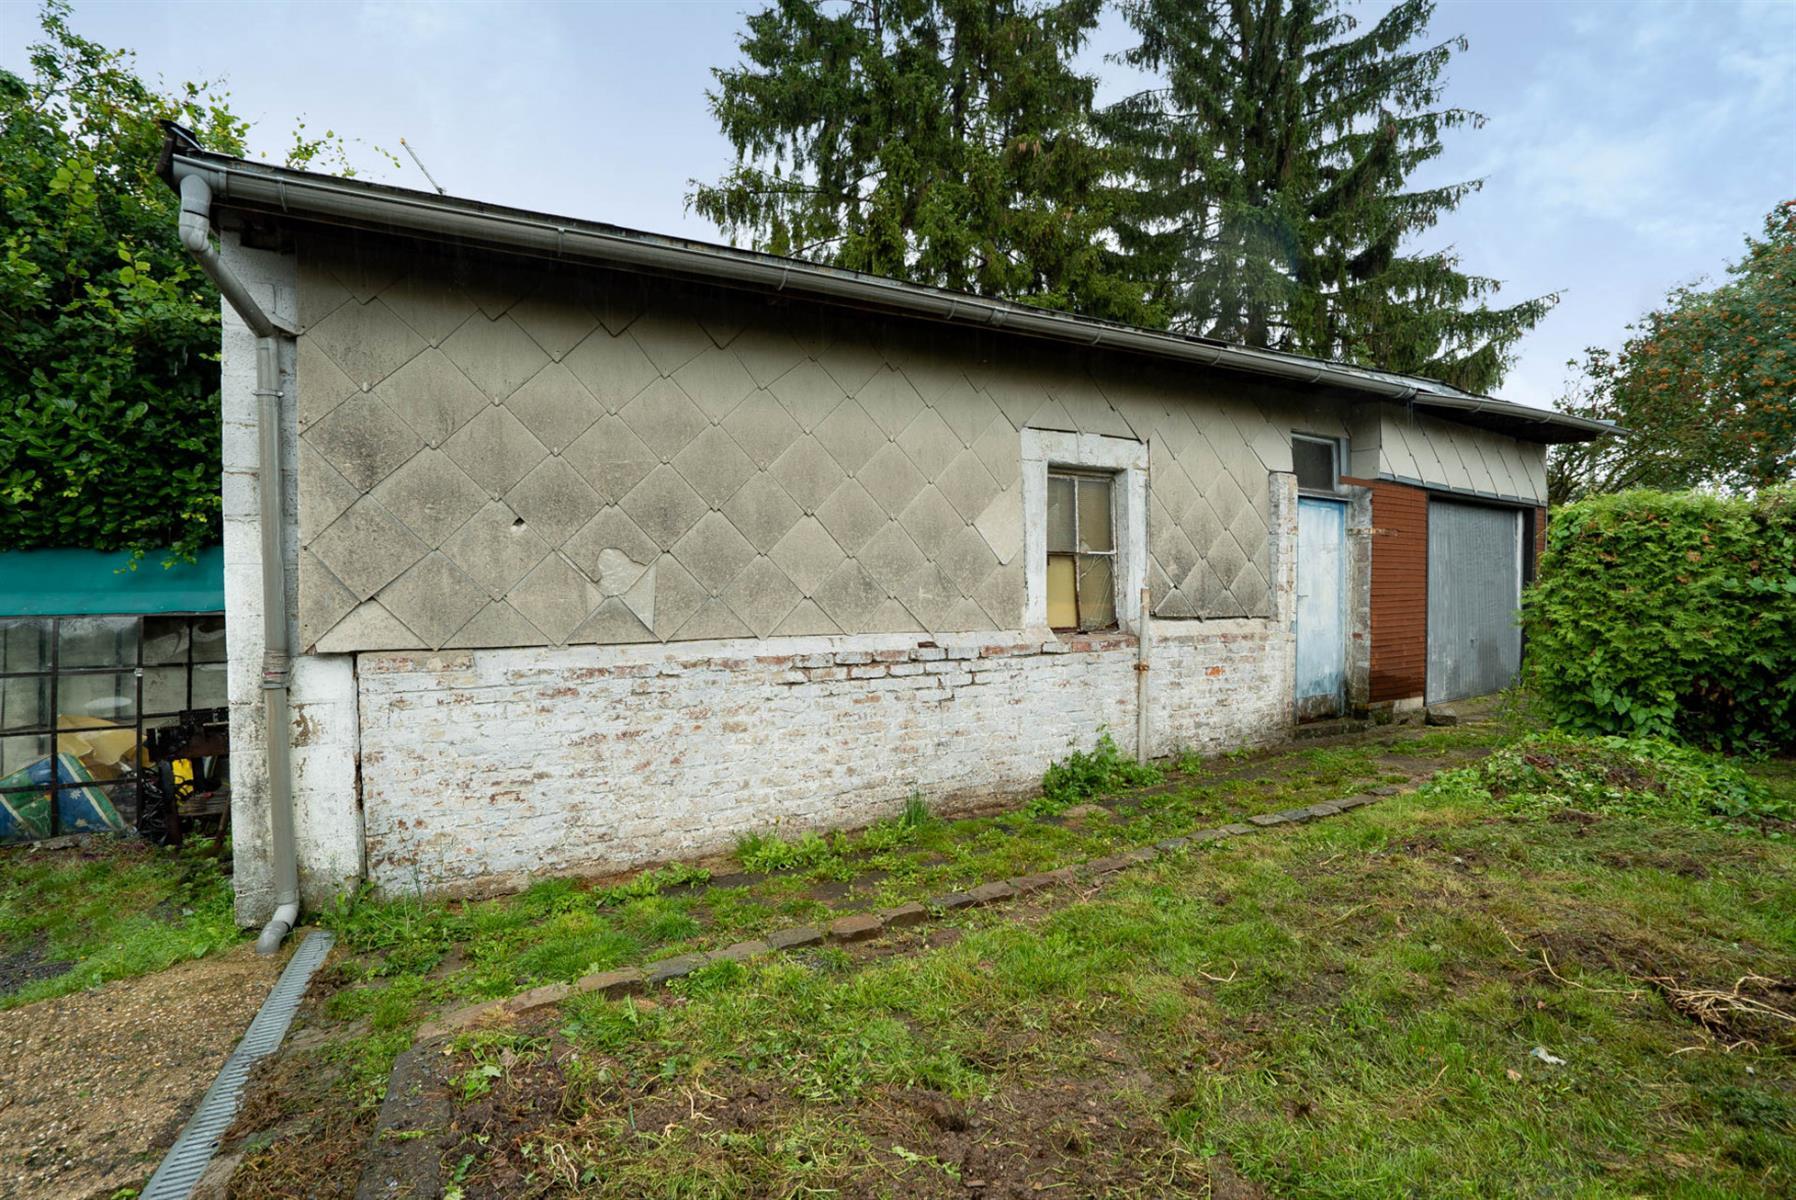 Maison - Eupen - #4040992-13